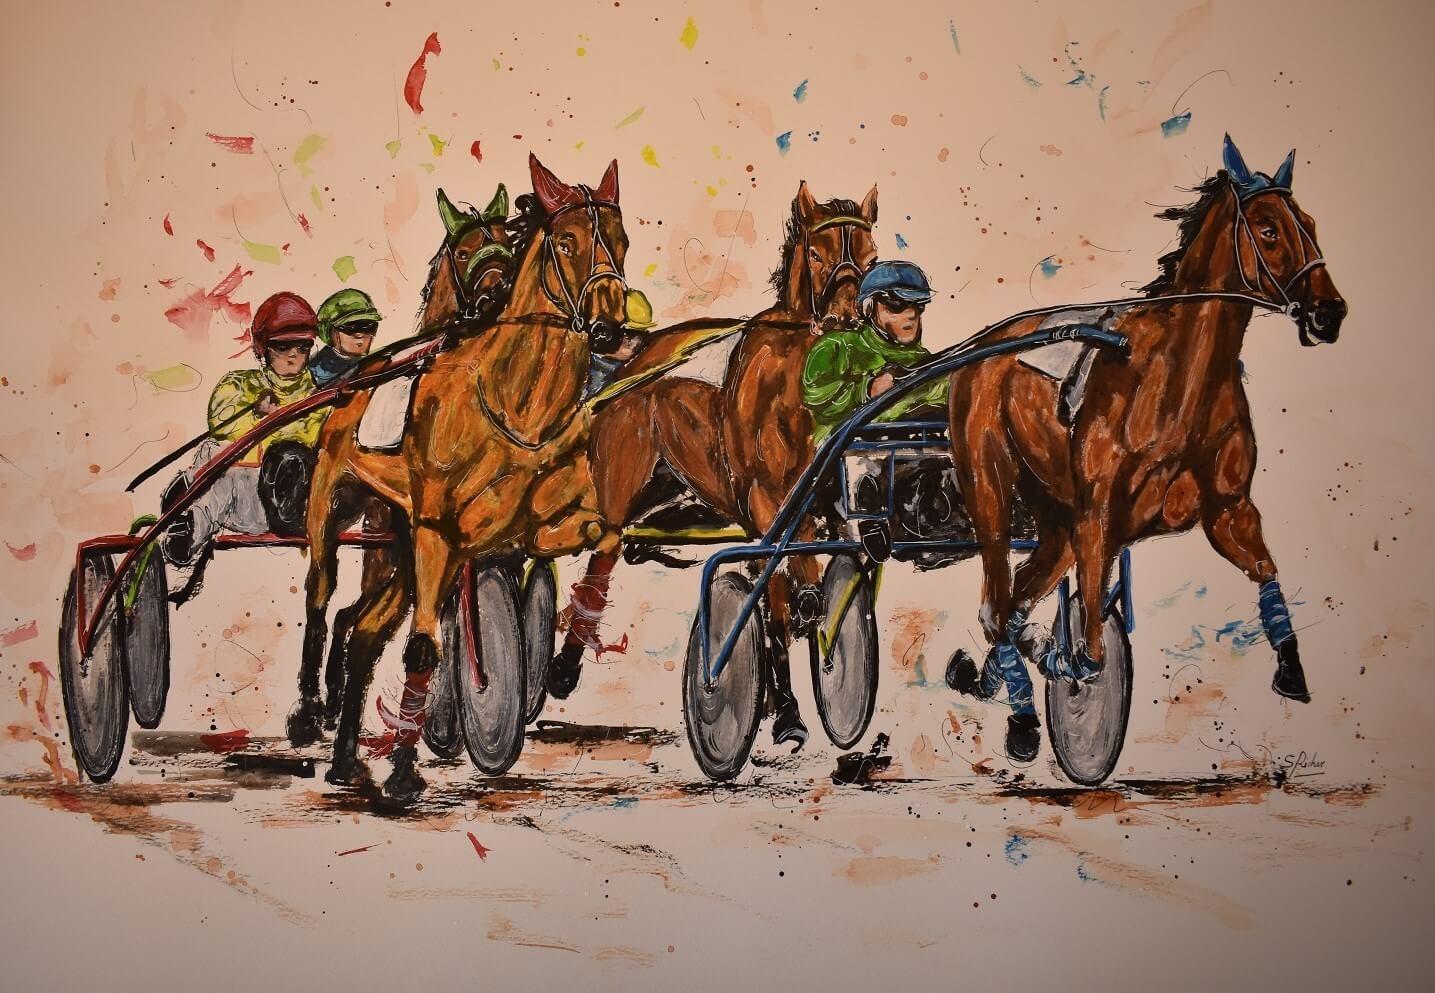 aquarelle les chevaux de severine richer course de trotteur format 65x48 (2)